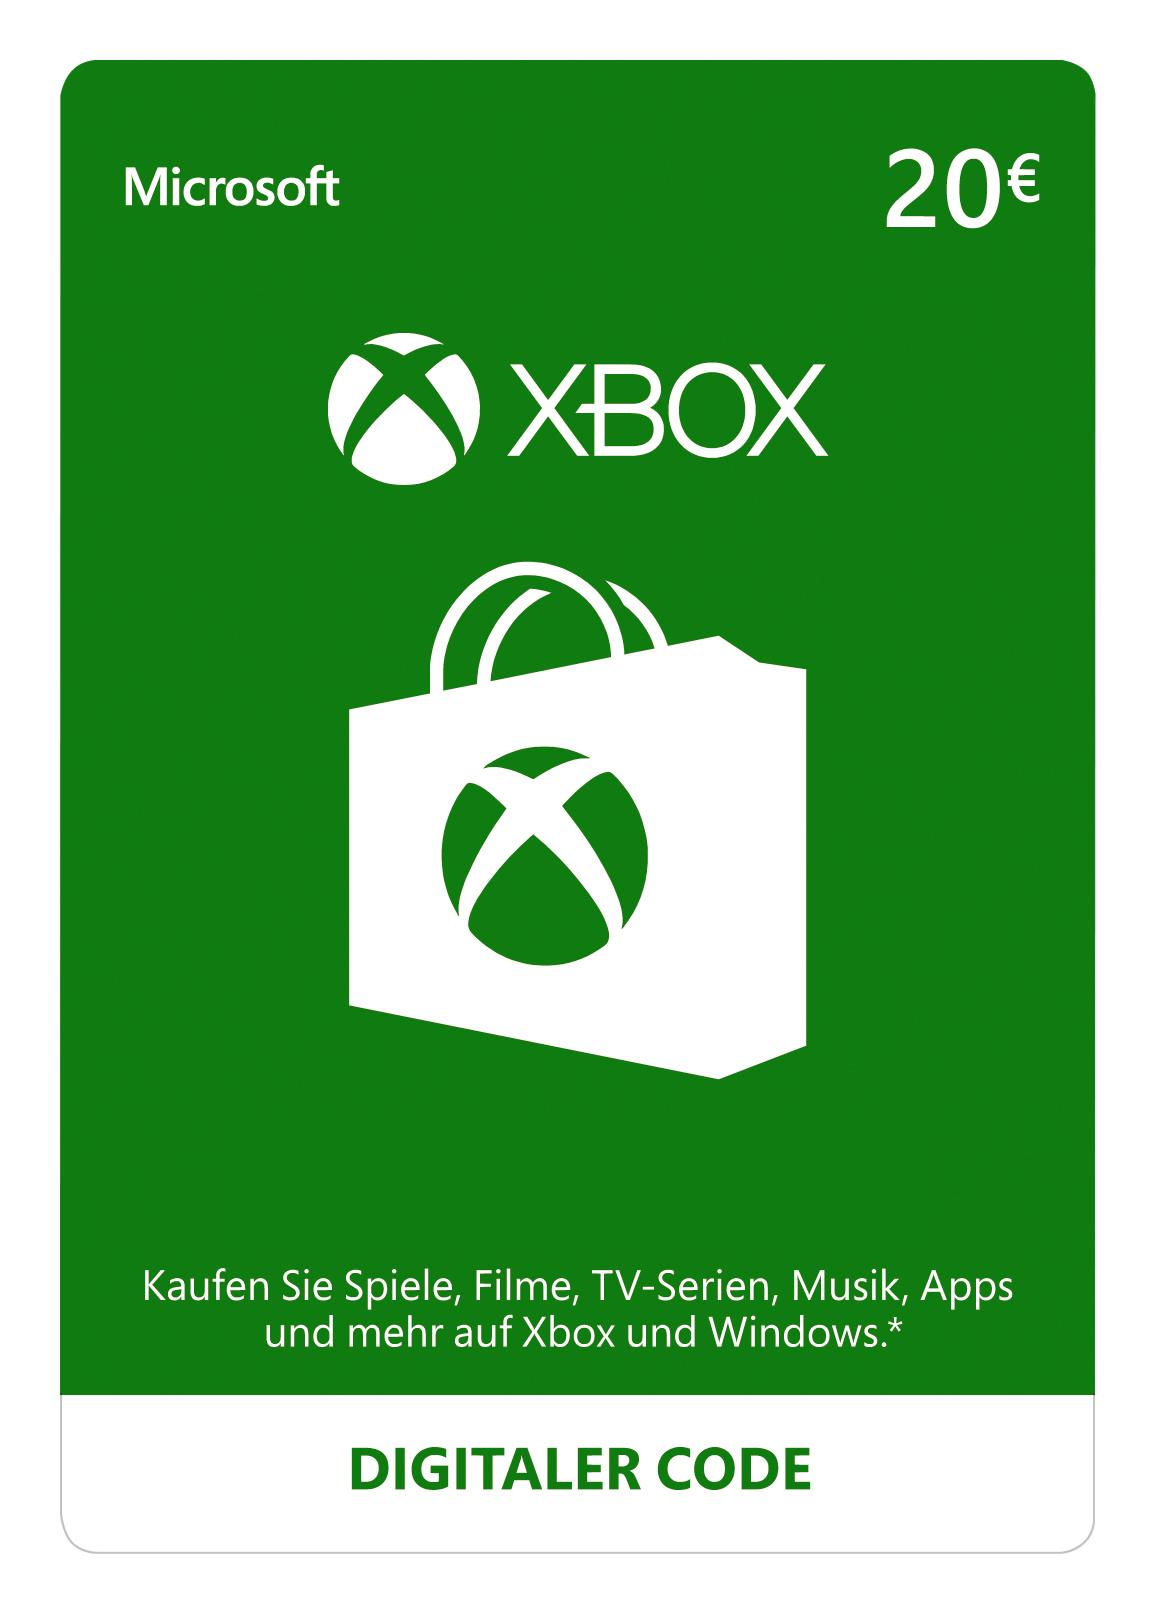 xbox-live-20-eur-guthaben-xbox-live-online-code